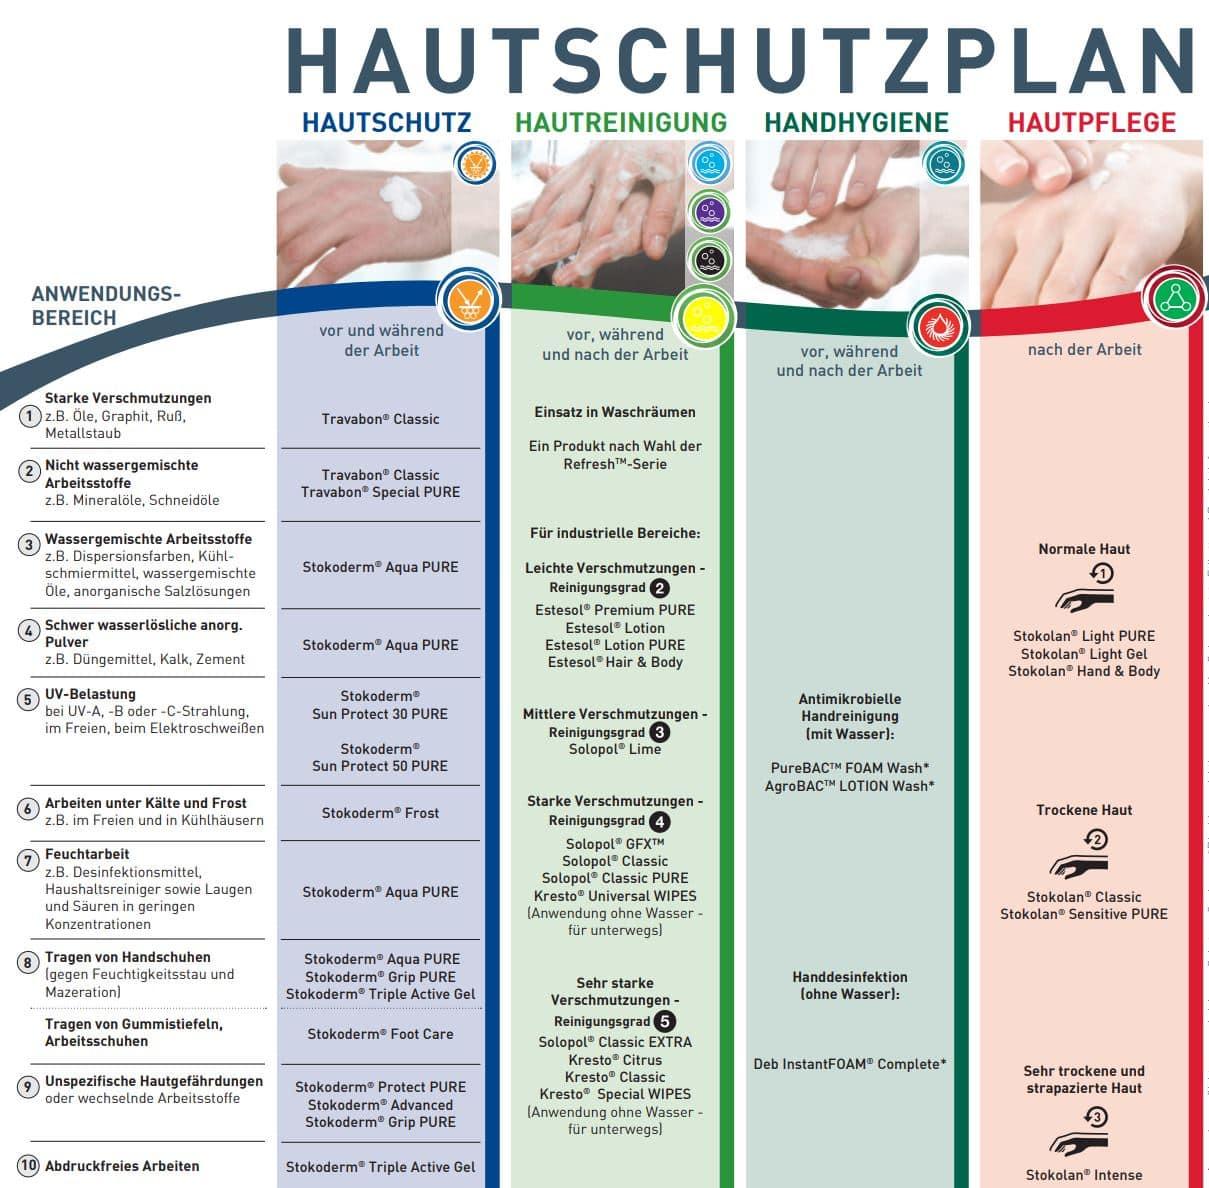 Handhygiene, Hautreinigung und Hautpflege nach Maß